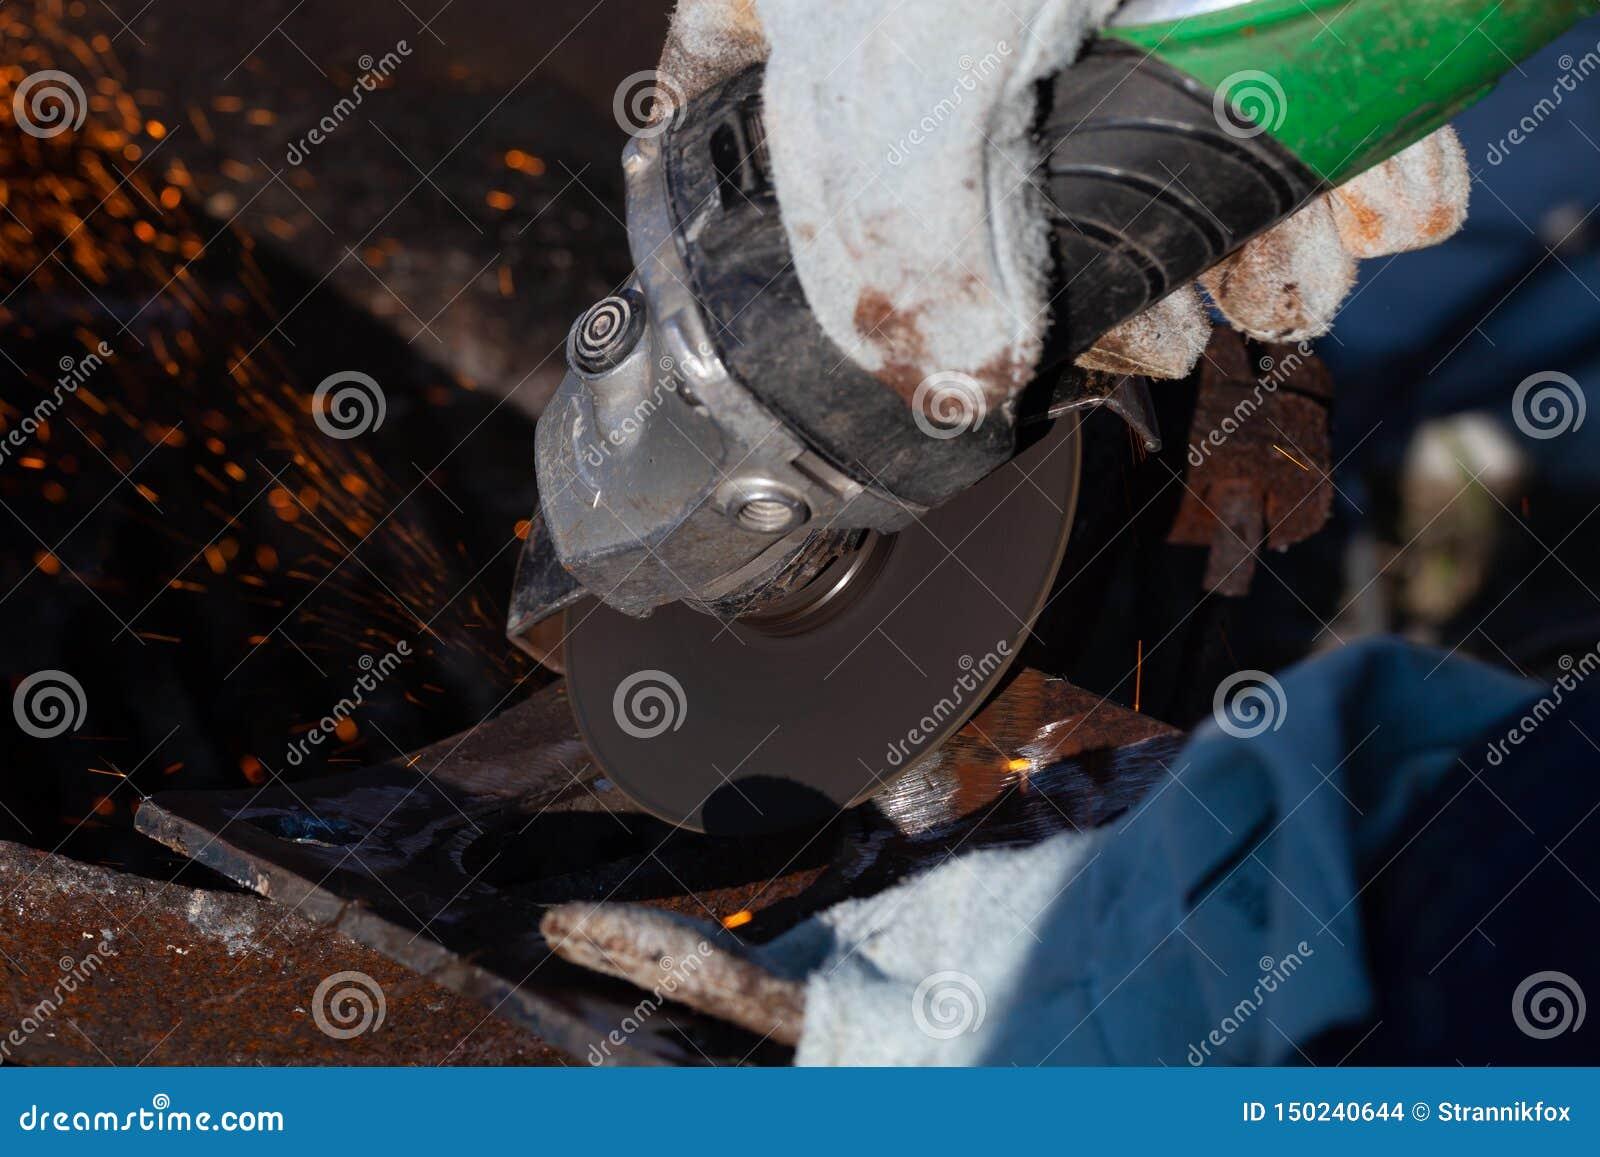 一位老练的焊工在工作 生铁熔炉的准备和焊接过程 选择焦点 E